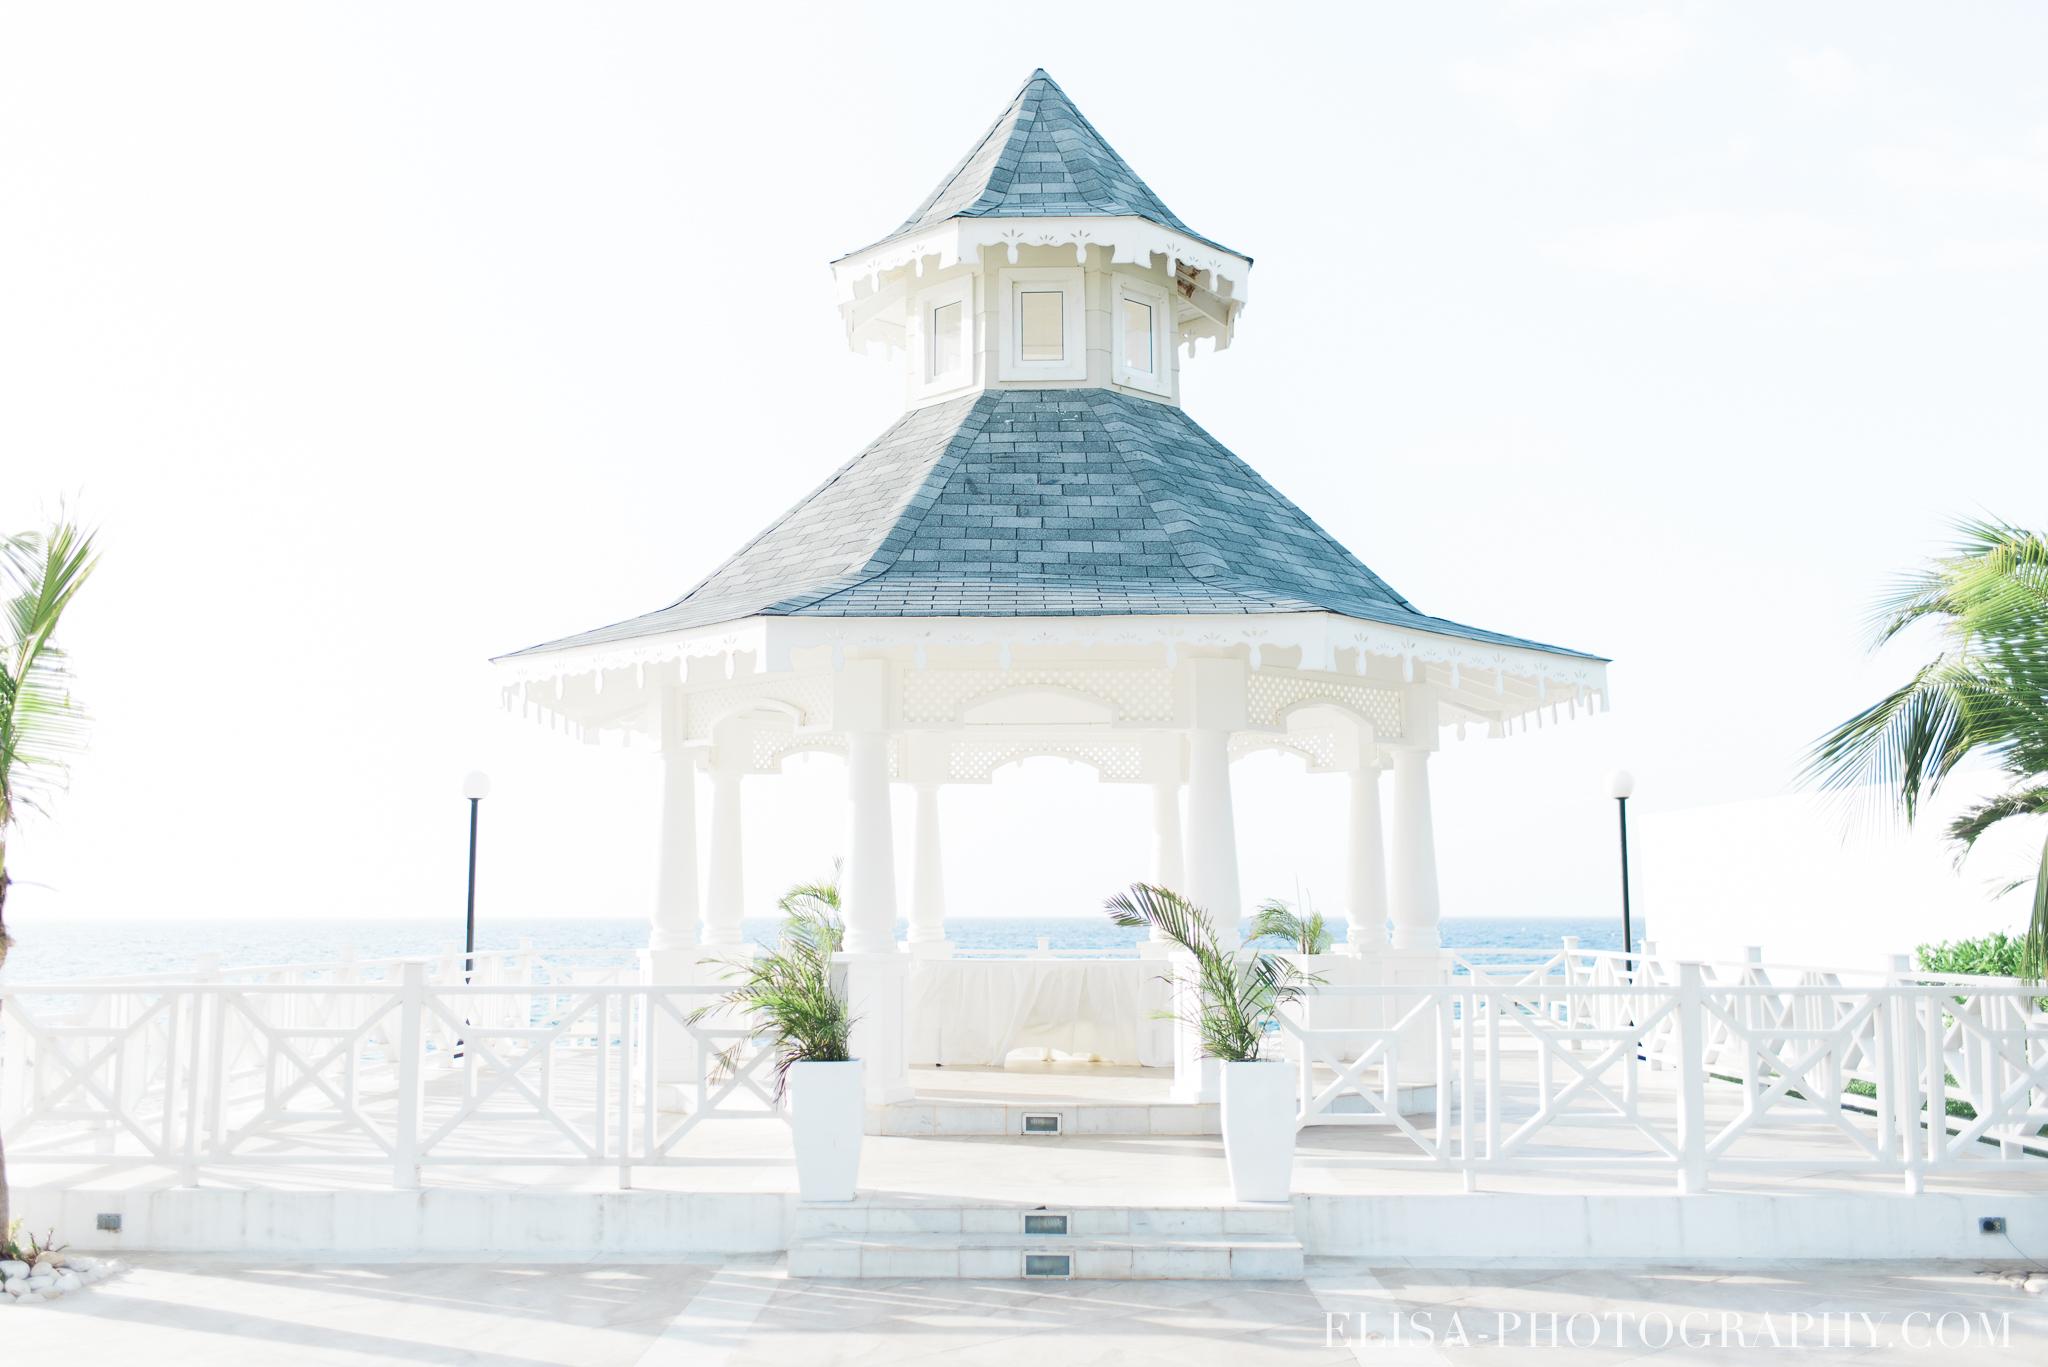 mariage de rêve à destination cérémonie éventail bouquet mouchoir gazebo mer grand bahia principe jamaïque photo 5639 - Les 12 endroits les plus romantiques pour votre mariage à destination